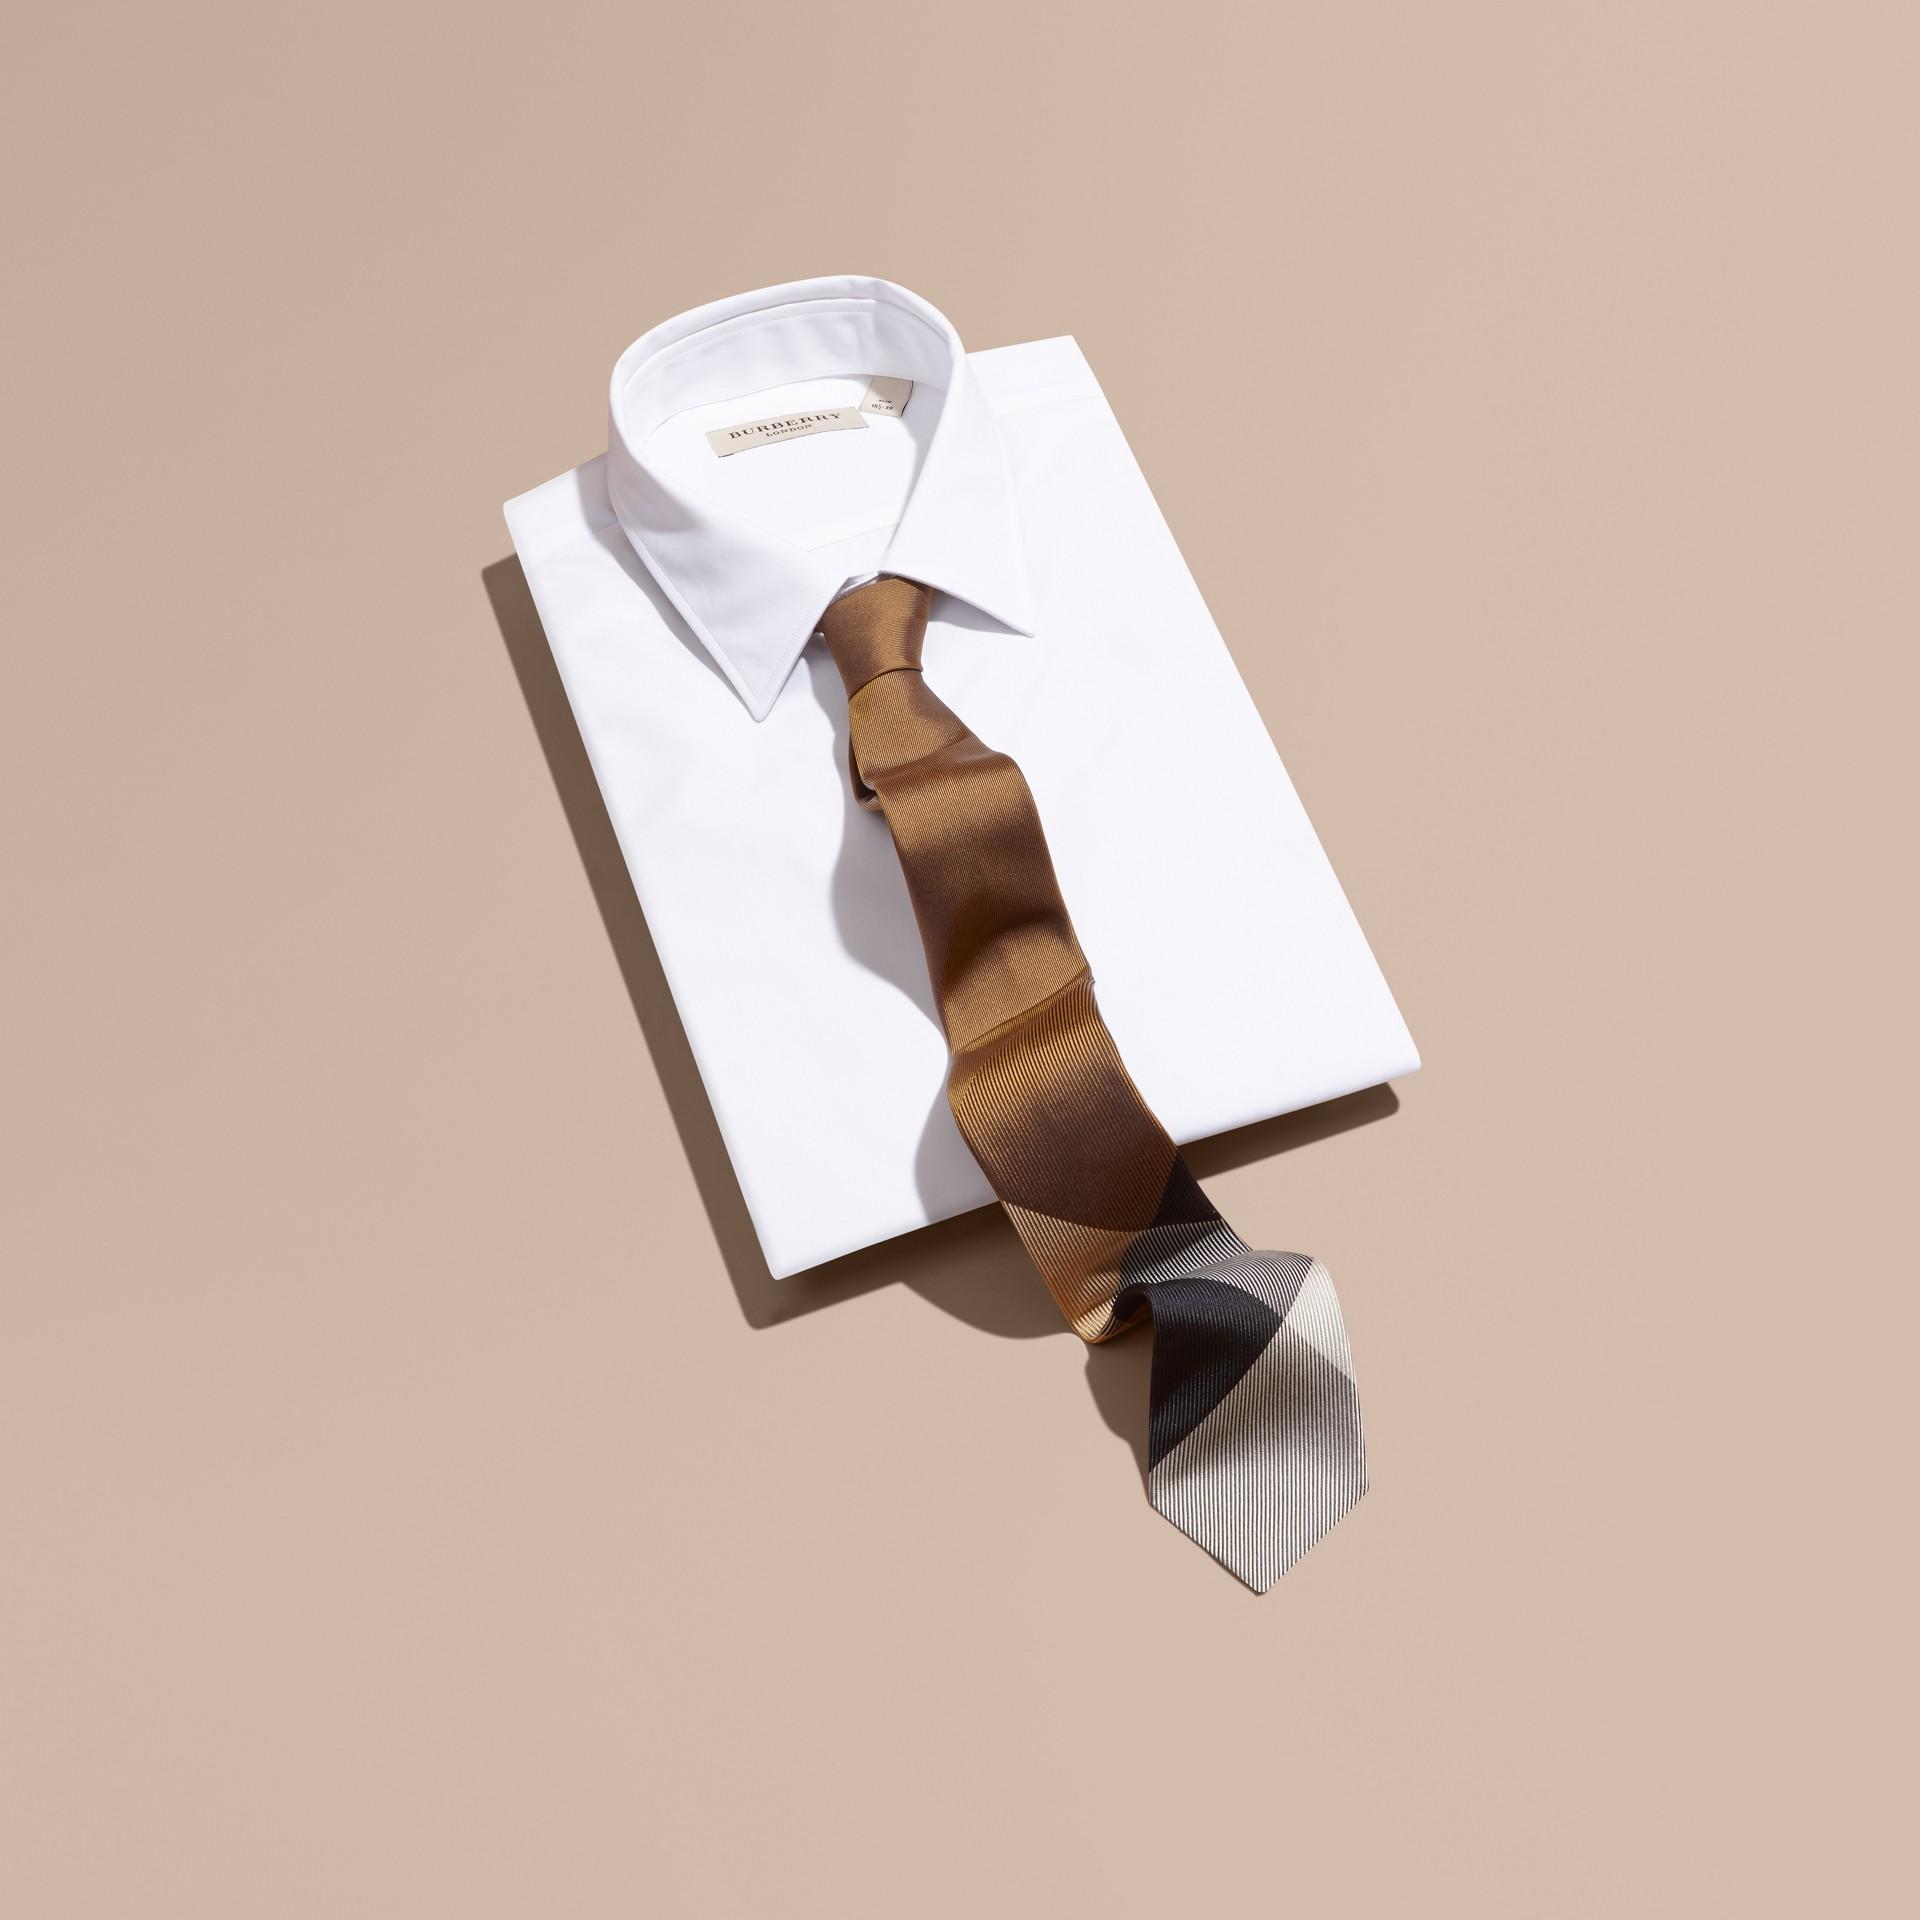 棕赭石色 現代剪裁格紋提花絲質領帶 棕赭石色 - 圖庫照片 1